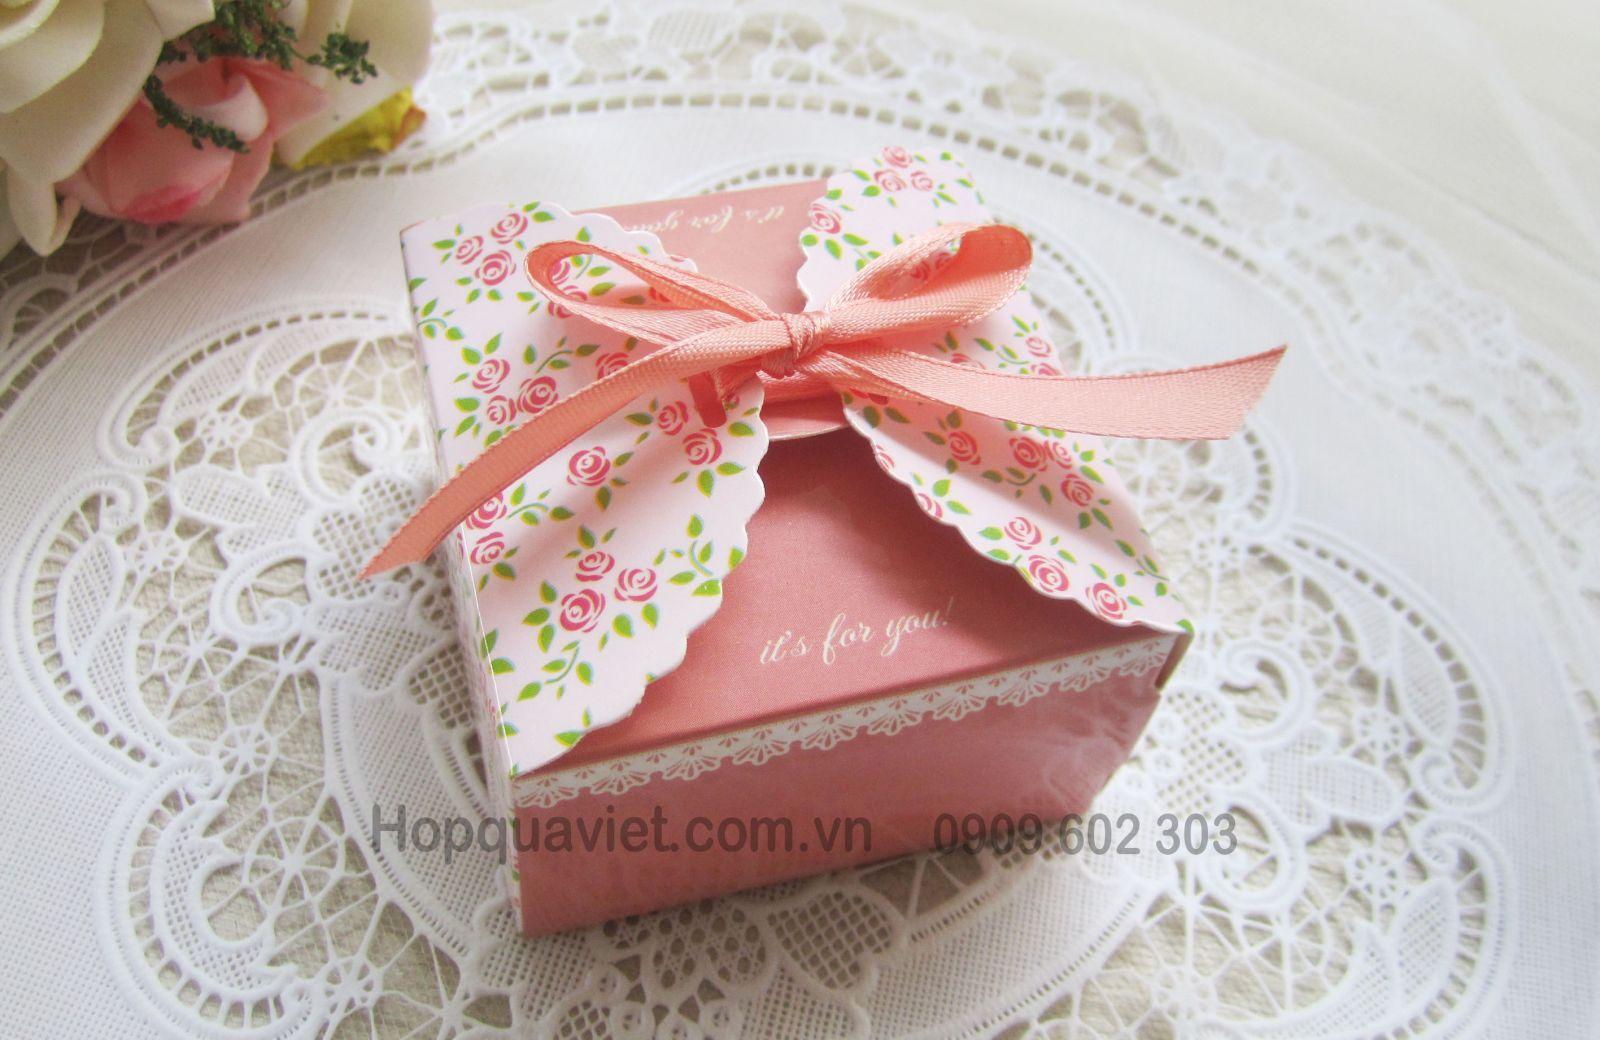 Những lỗi cơ bản khi chọn quà cảm ơn khách đến cưới